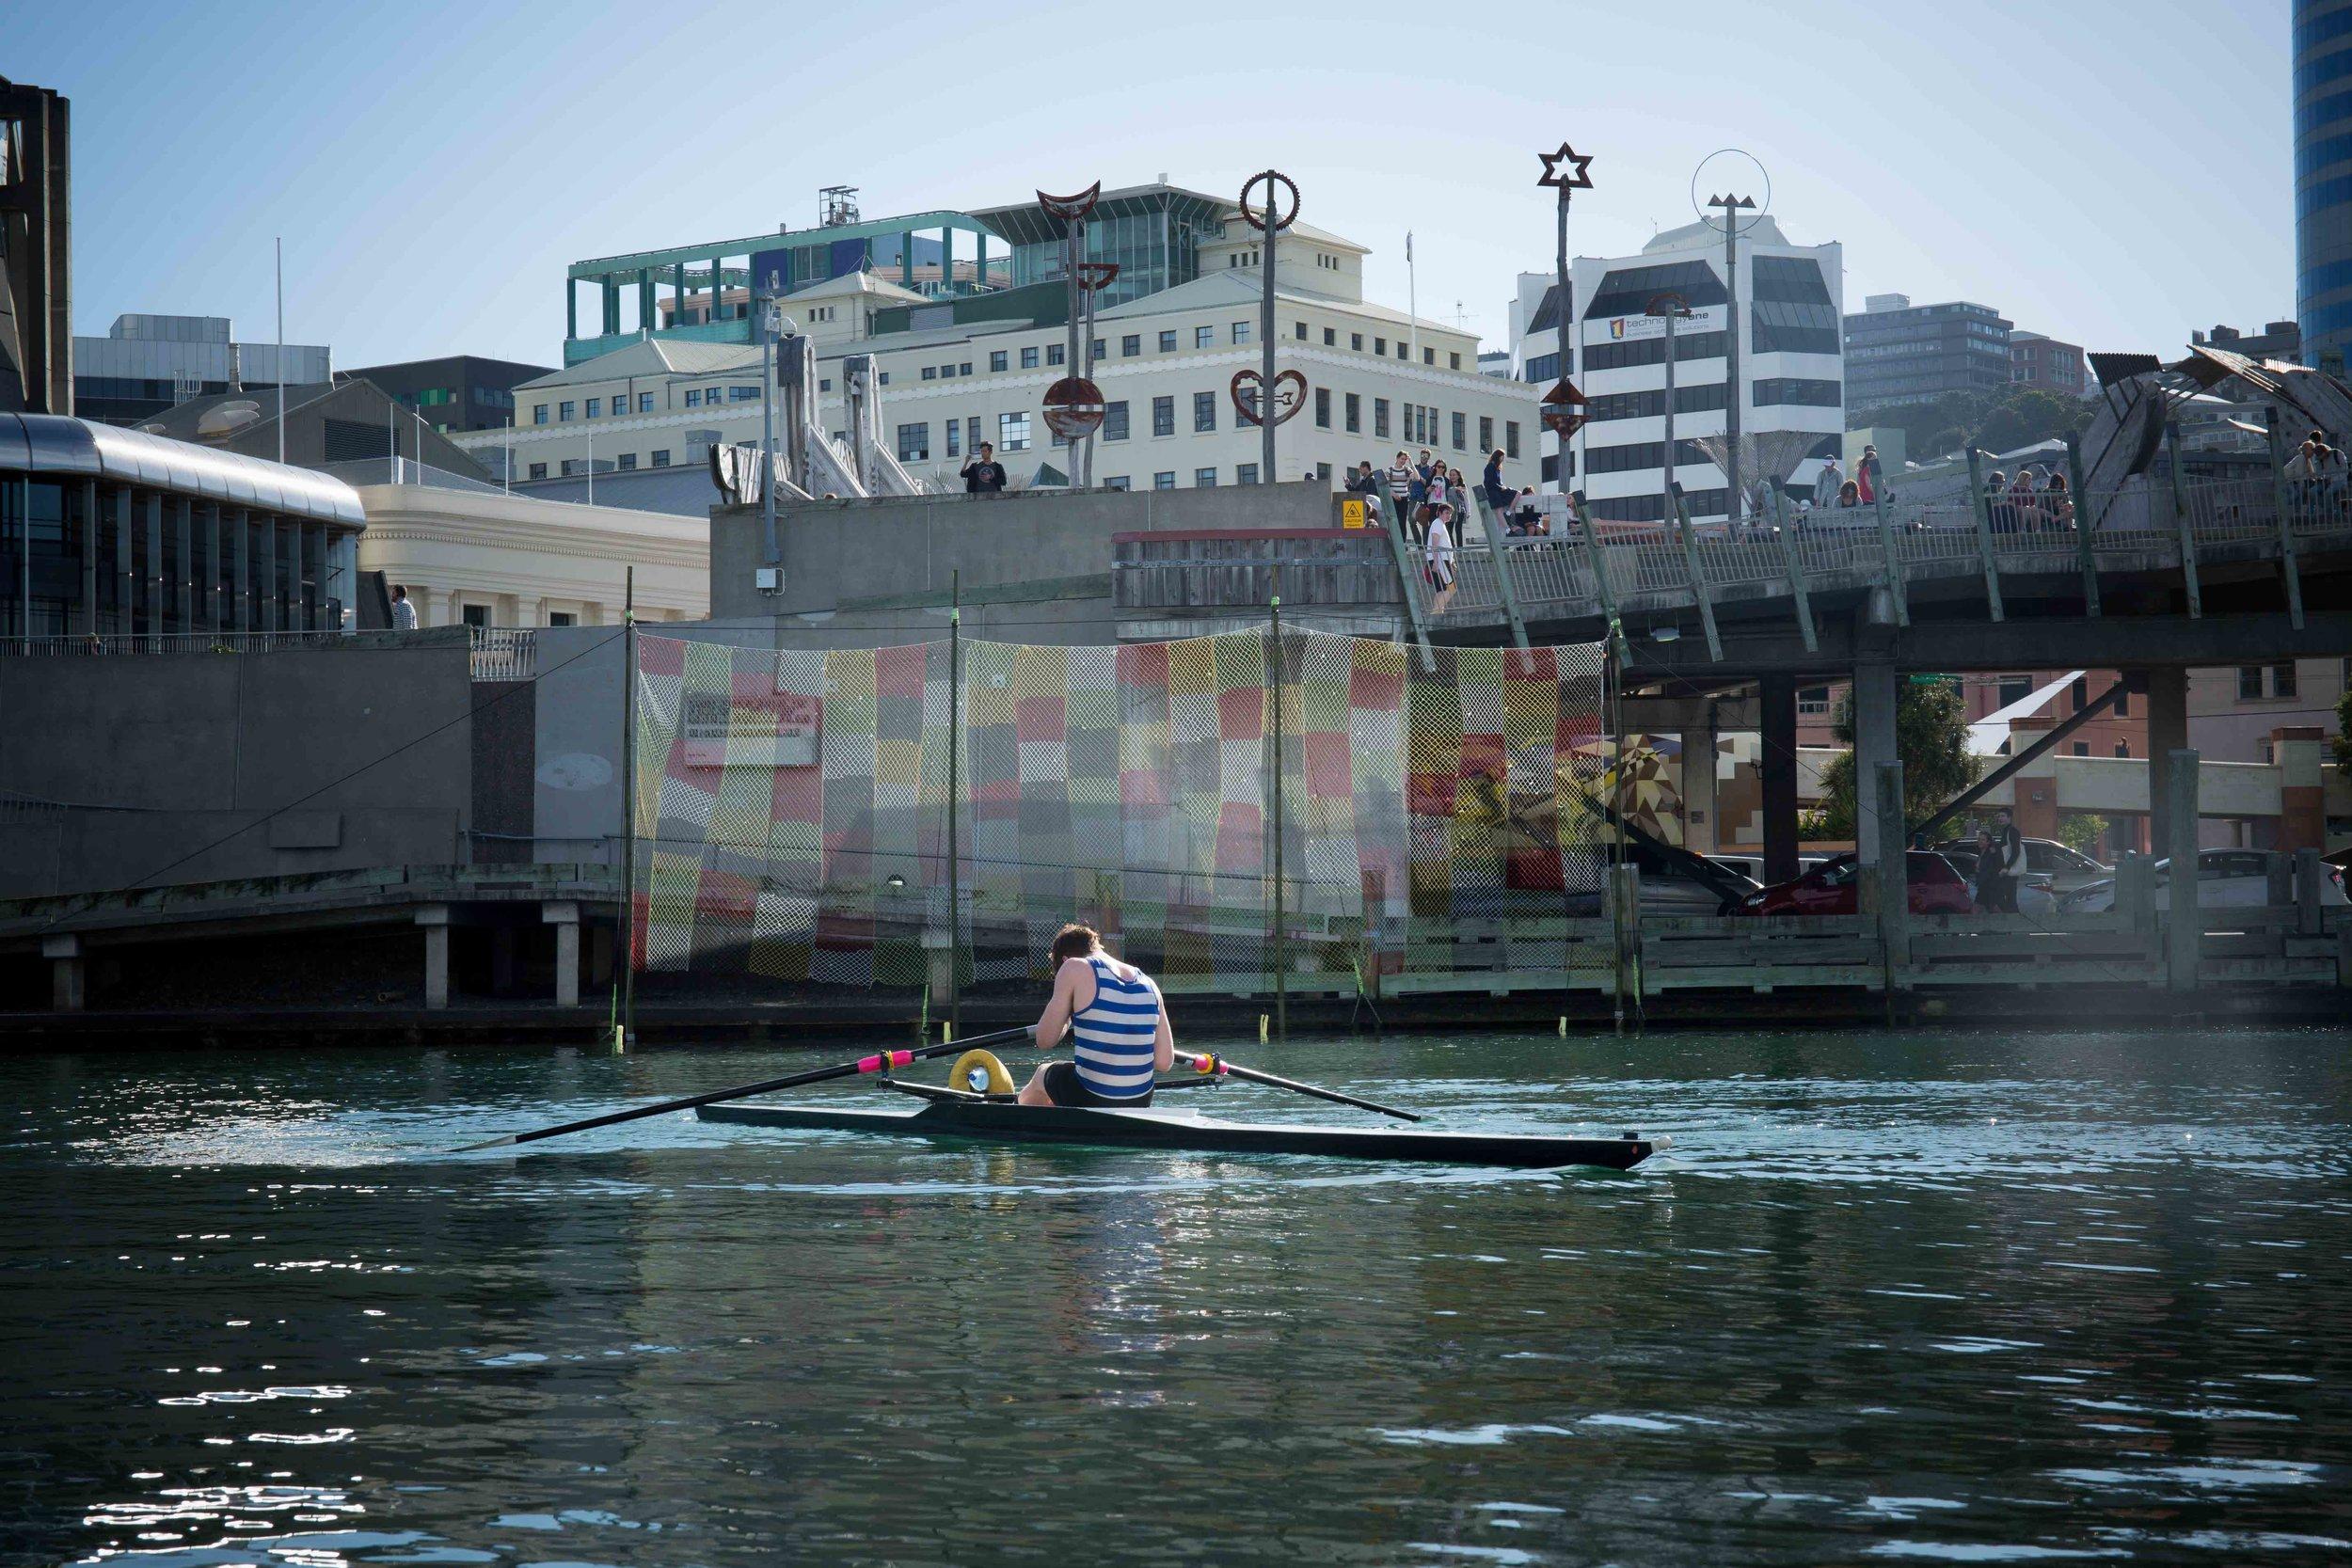 Sora Ami , Yasuaki Igarashi, Shared Lines: Wellington, October 2017. image: Ebony Lamb